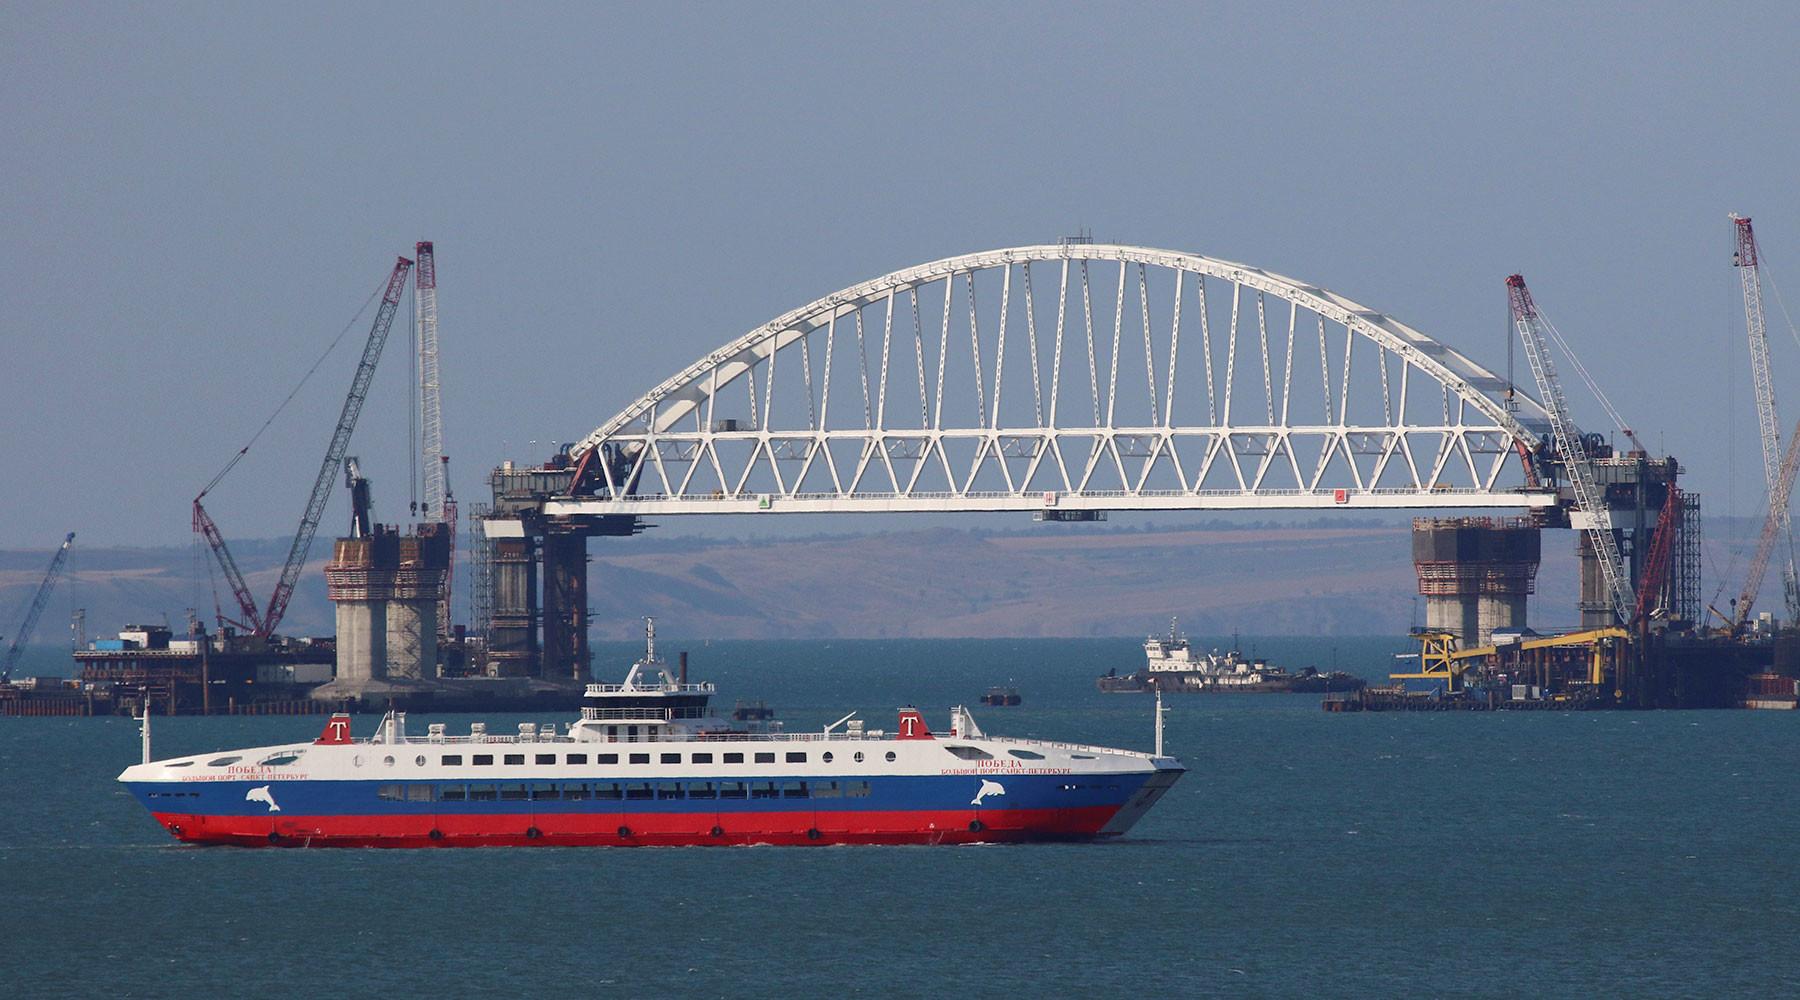 ВКрыму резко ответили нажелание генерального прокурора государства Украины расследовать строительство моста